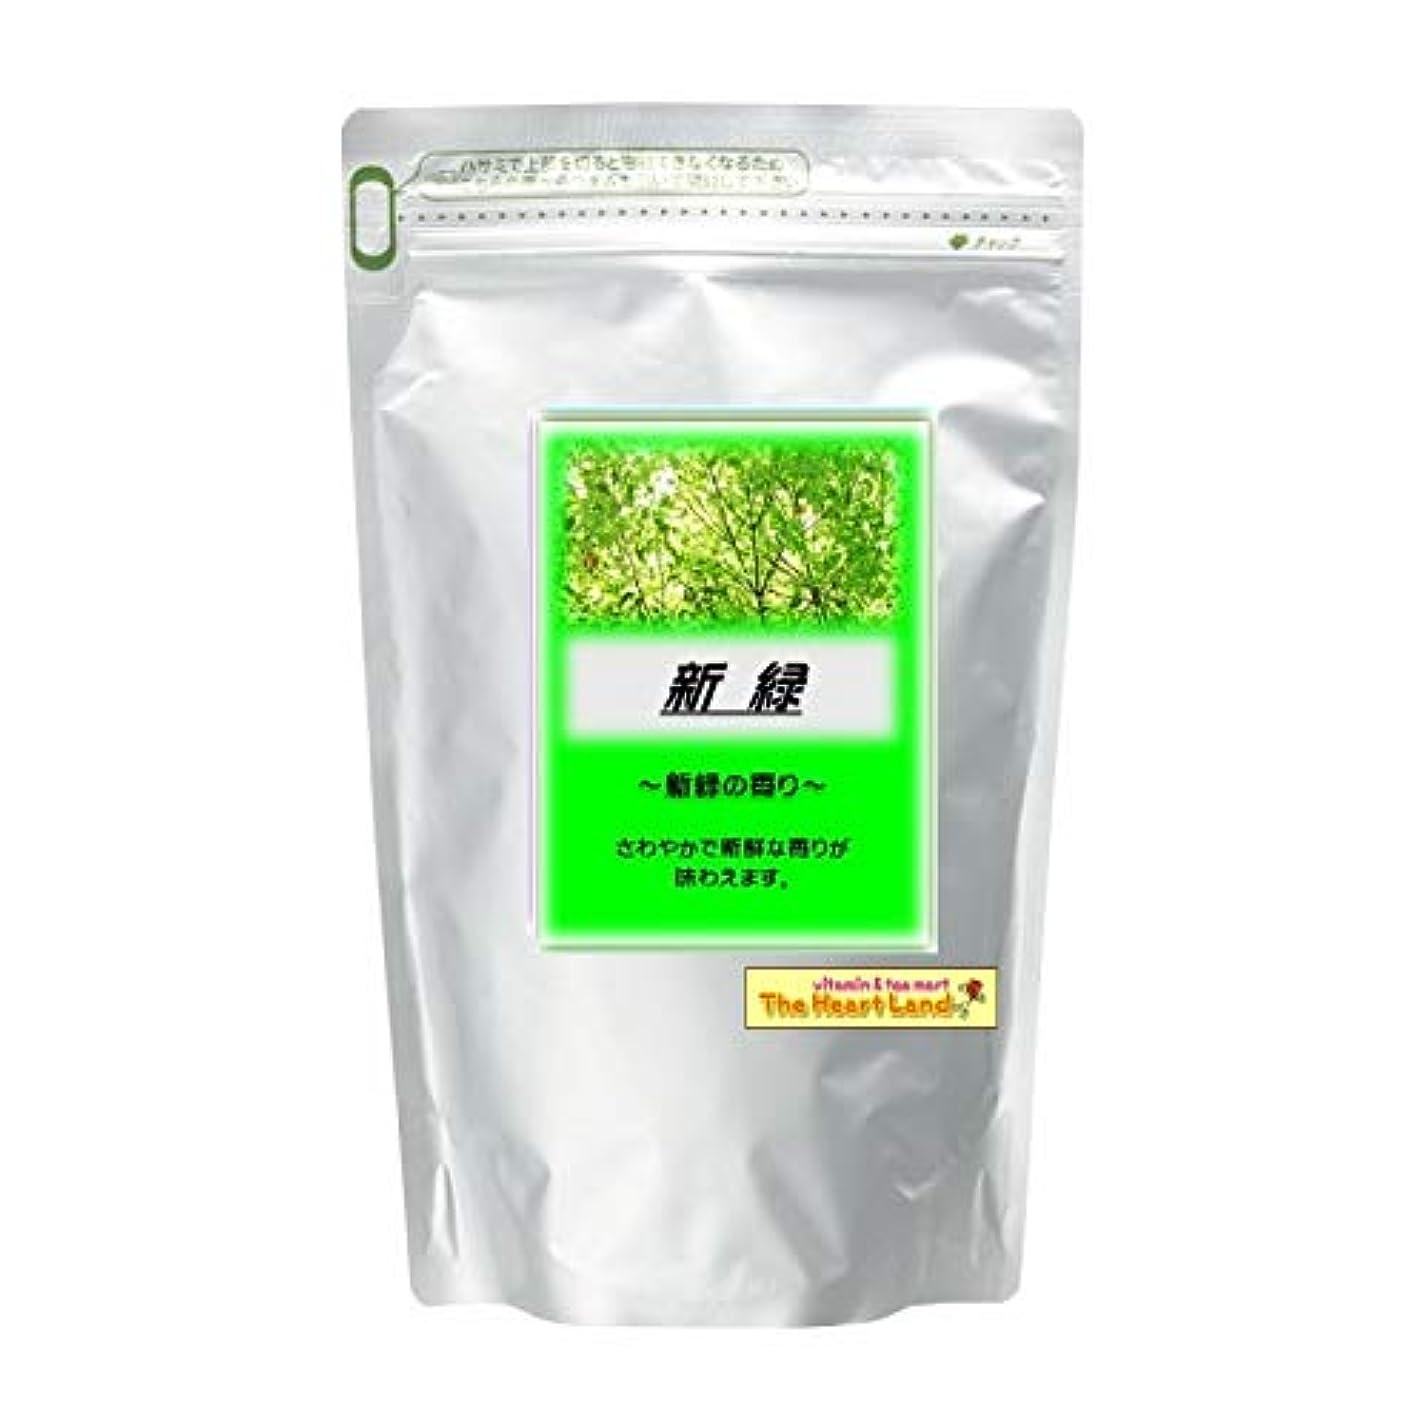 水分誘惑最少アサヒ入浴剤 浴用入浴化粧品 新緑 2.5kg